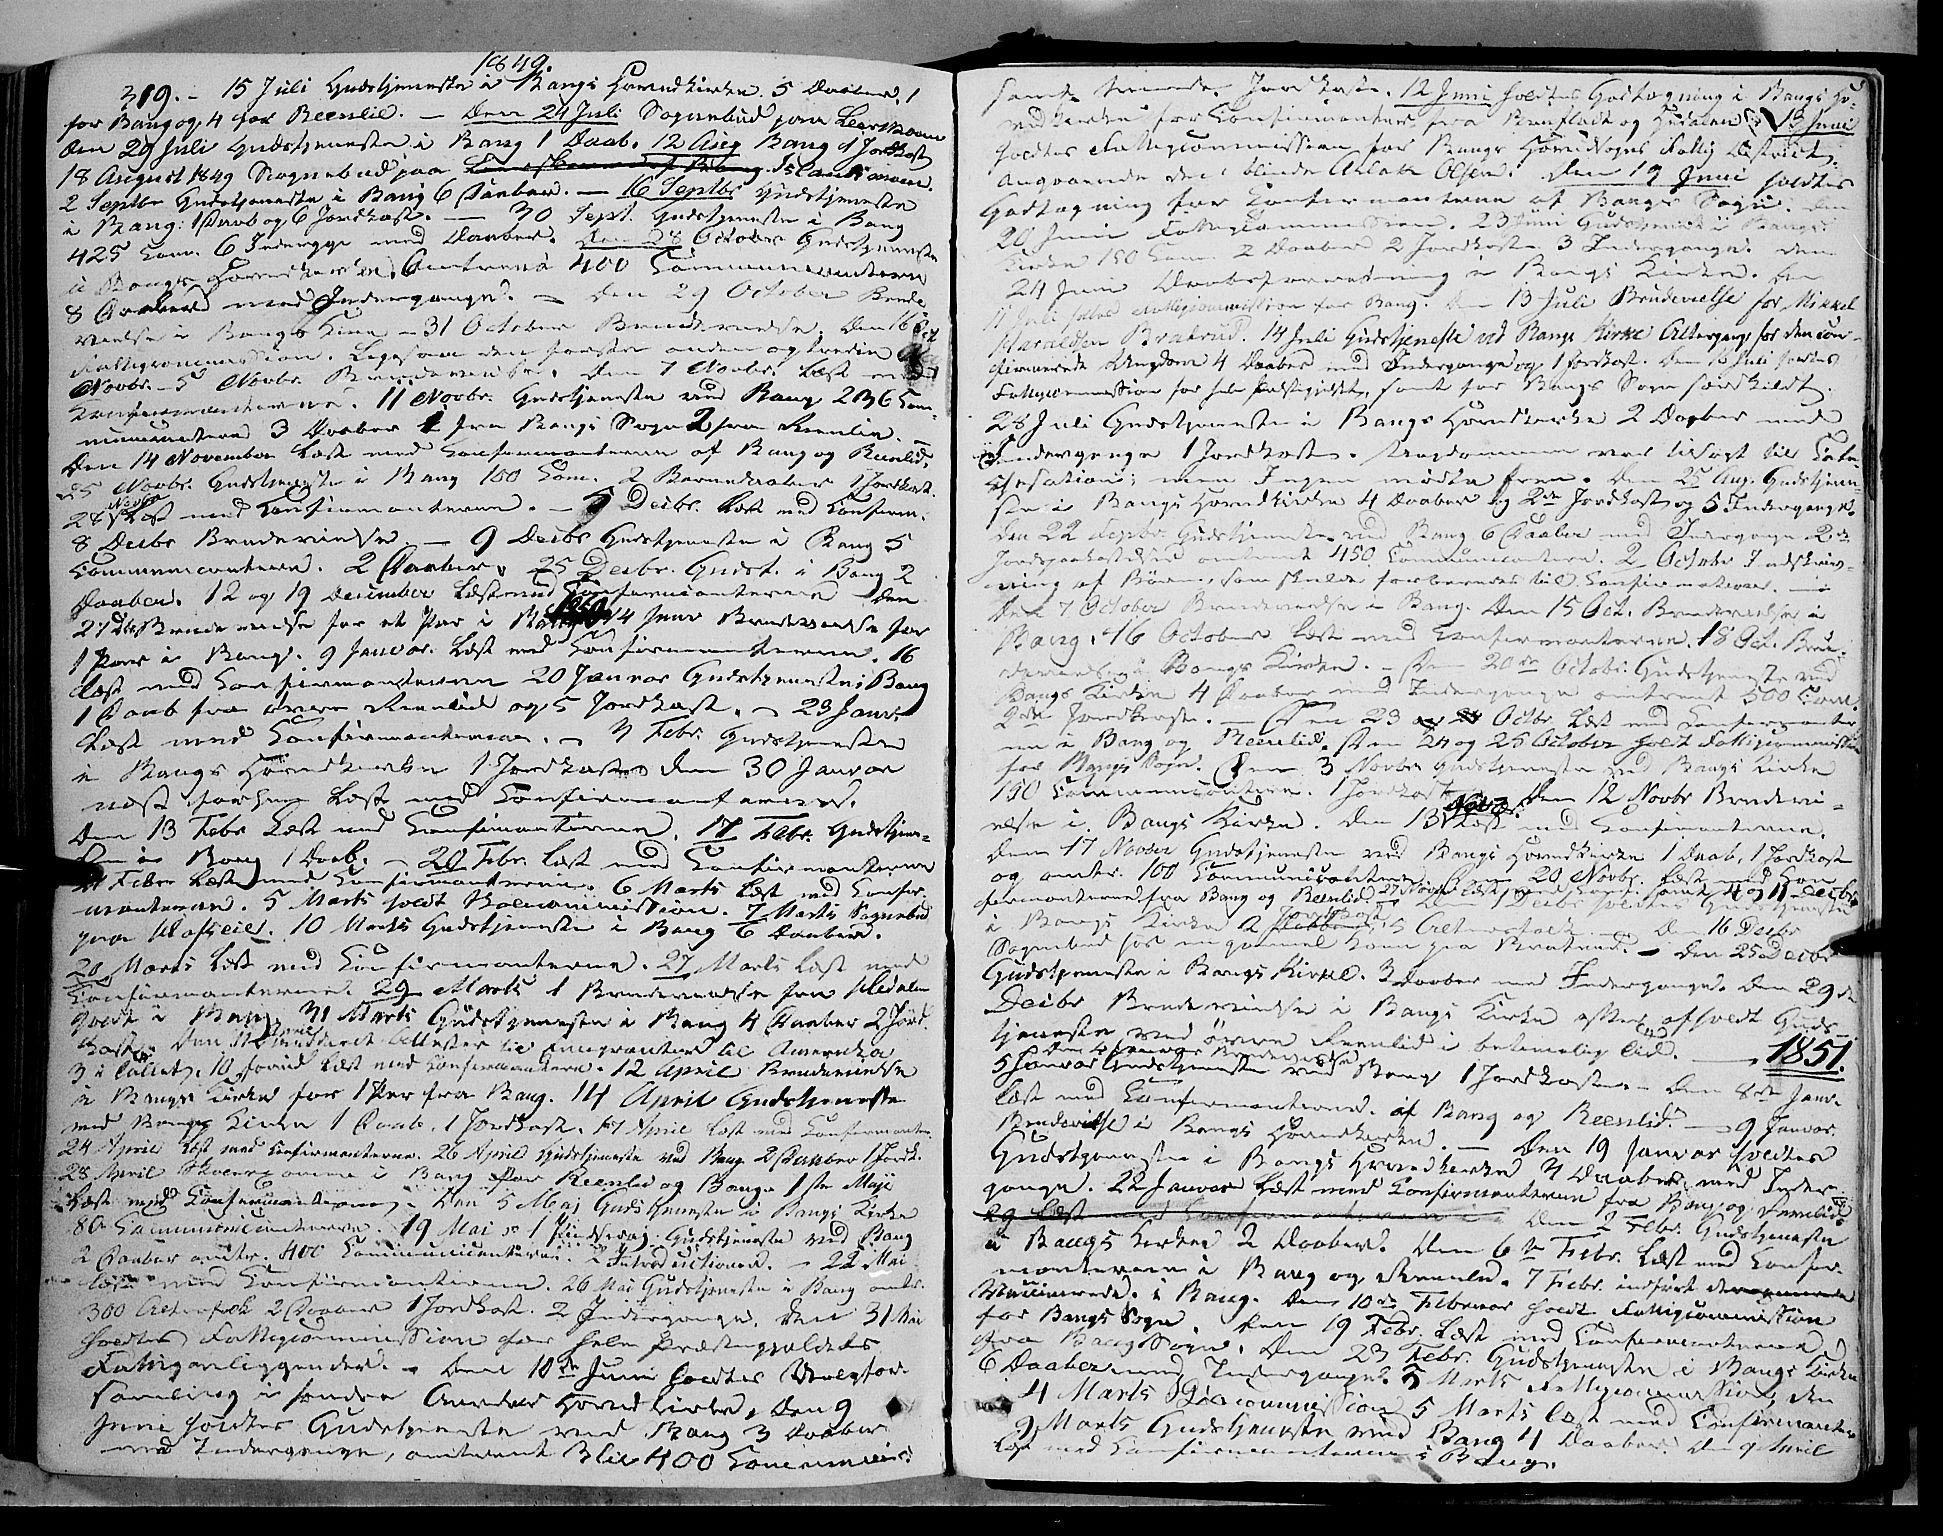 SAH, Sør-Aurdal prestekontor, Ministerialbok nr. 5, 1849-1876, s. 319